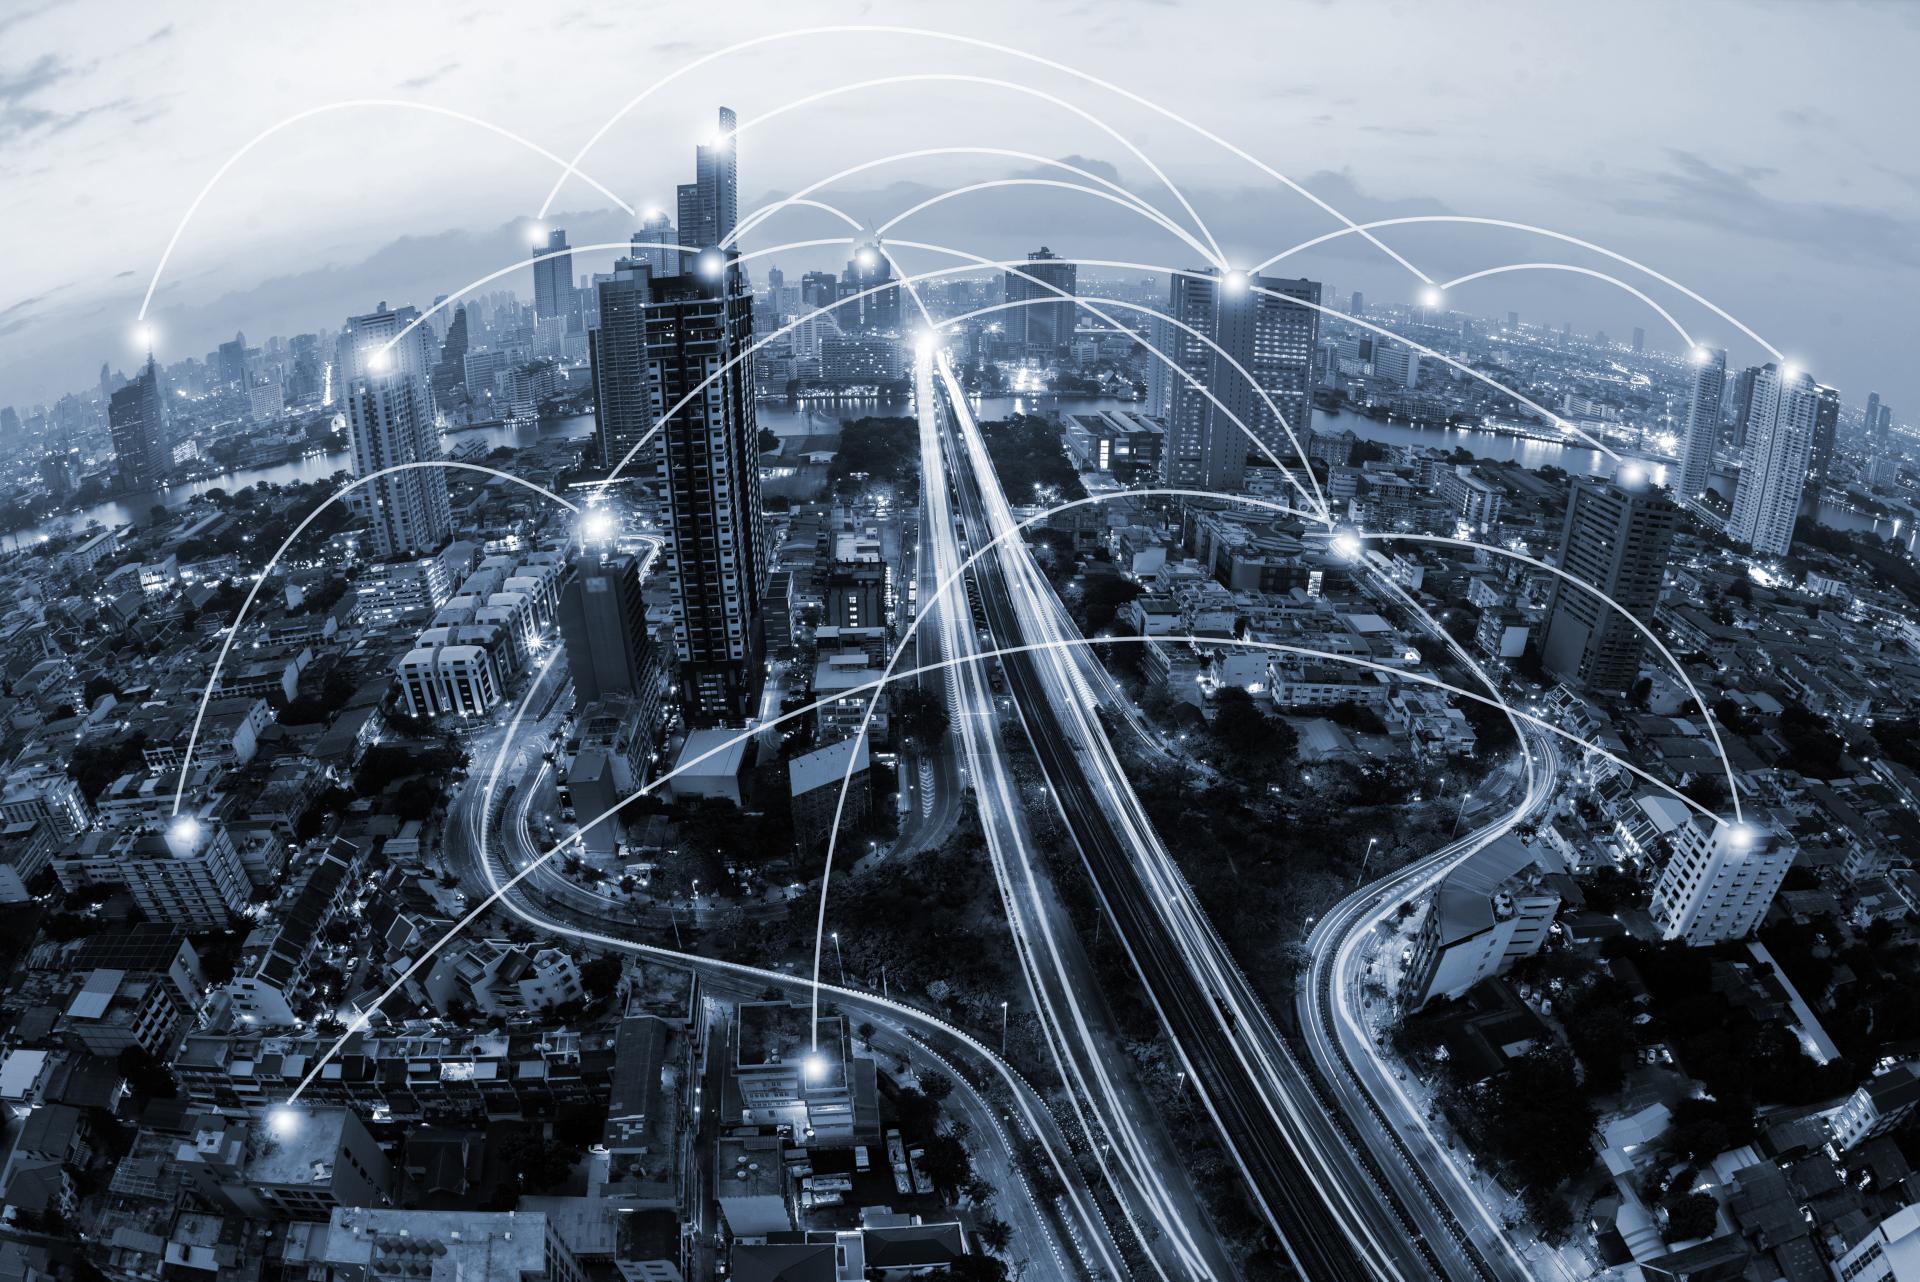 Controllo e monitoraggio dei dispositivi da remoto: IoT o Historian?